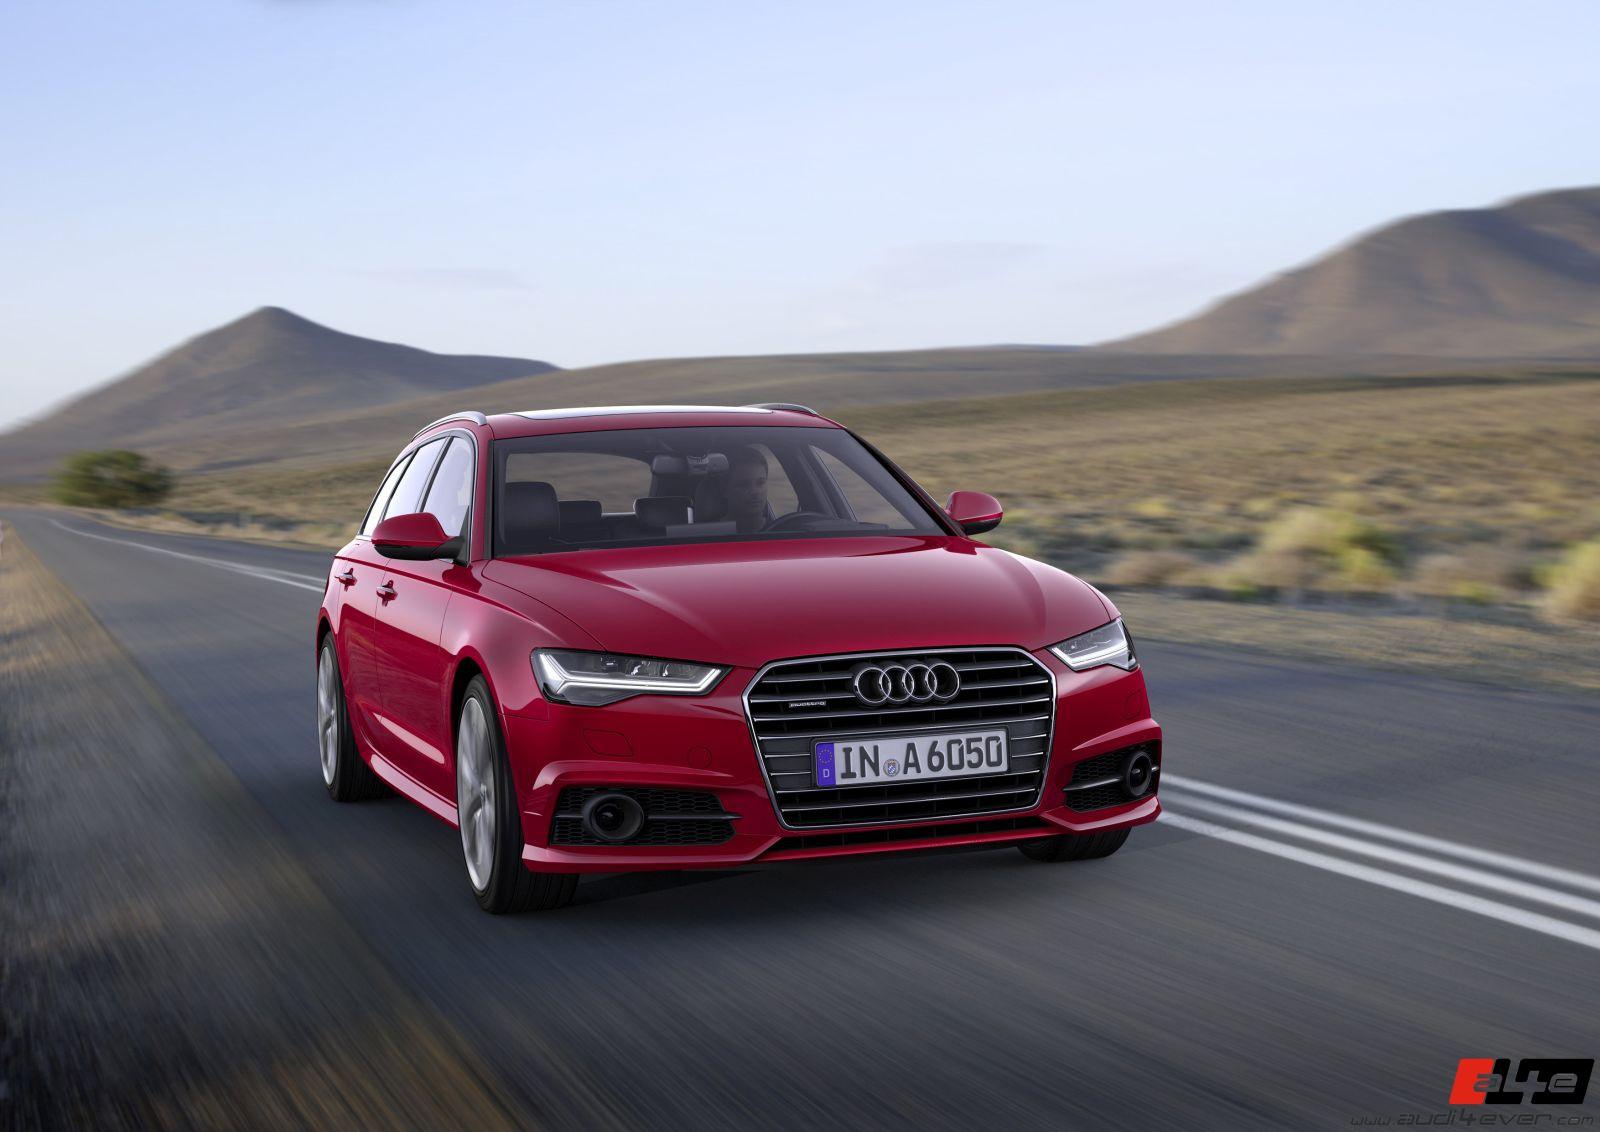 A4e Gallery Audi A6 C7 Audi A6 Update 2016